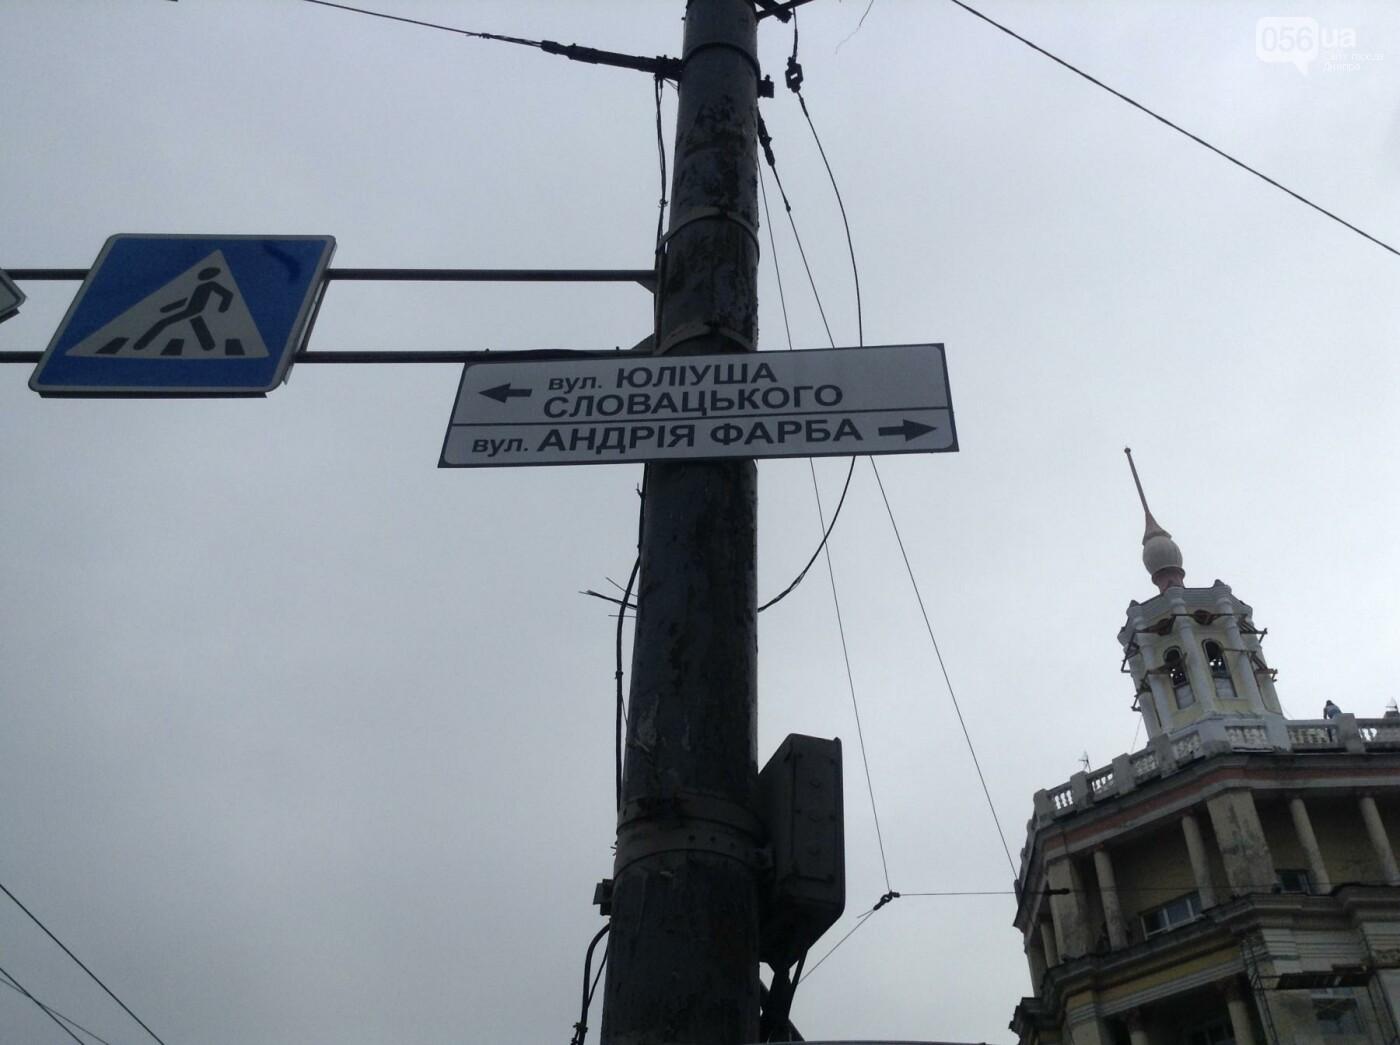 """Днепровские коммунальщики """"переименовали"""" декоммунизированную улицу (ФОТОФАКТ), фото-1"""